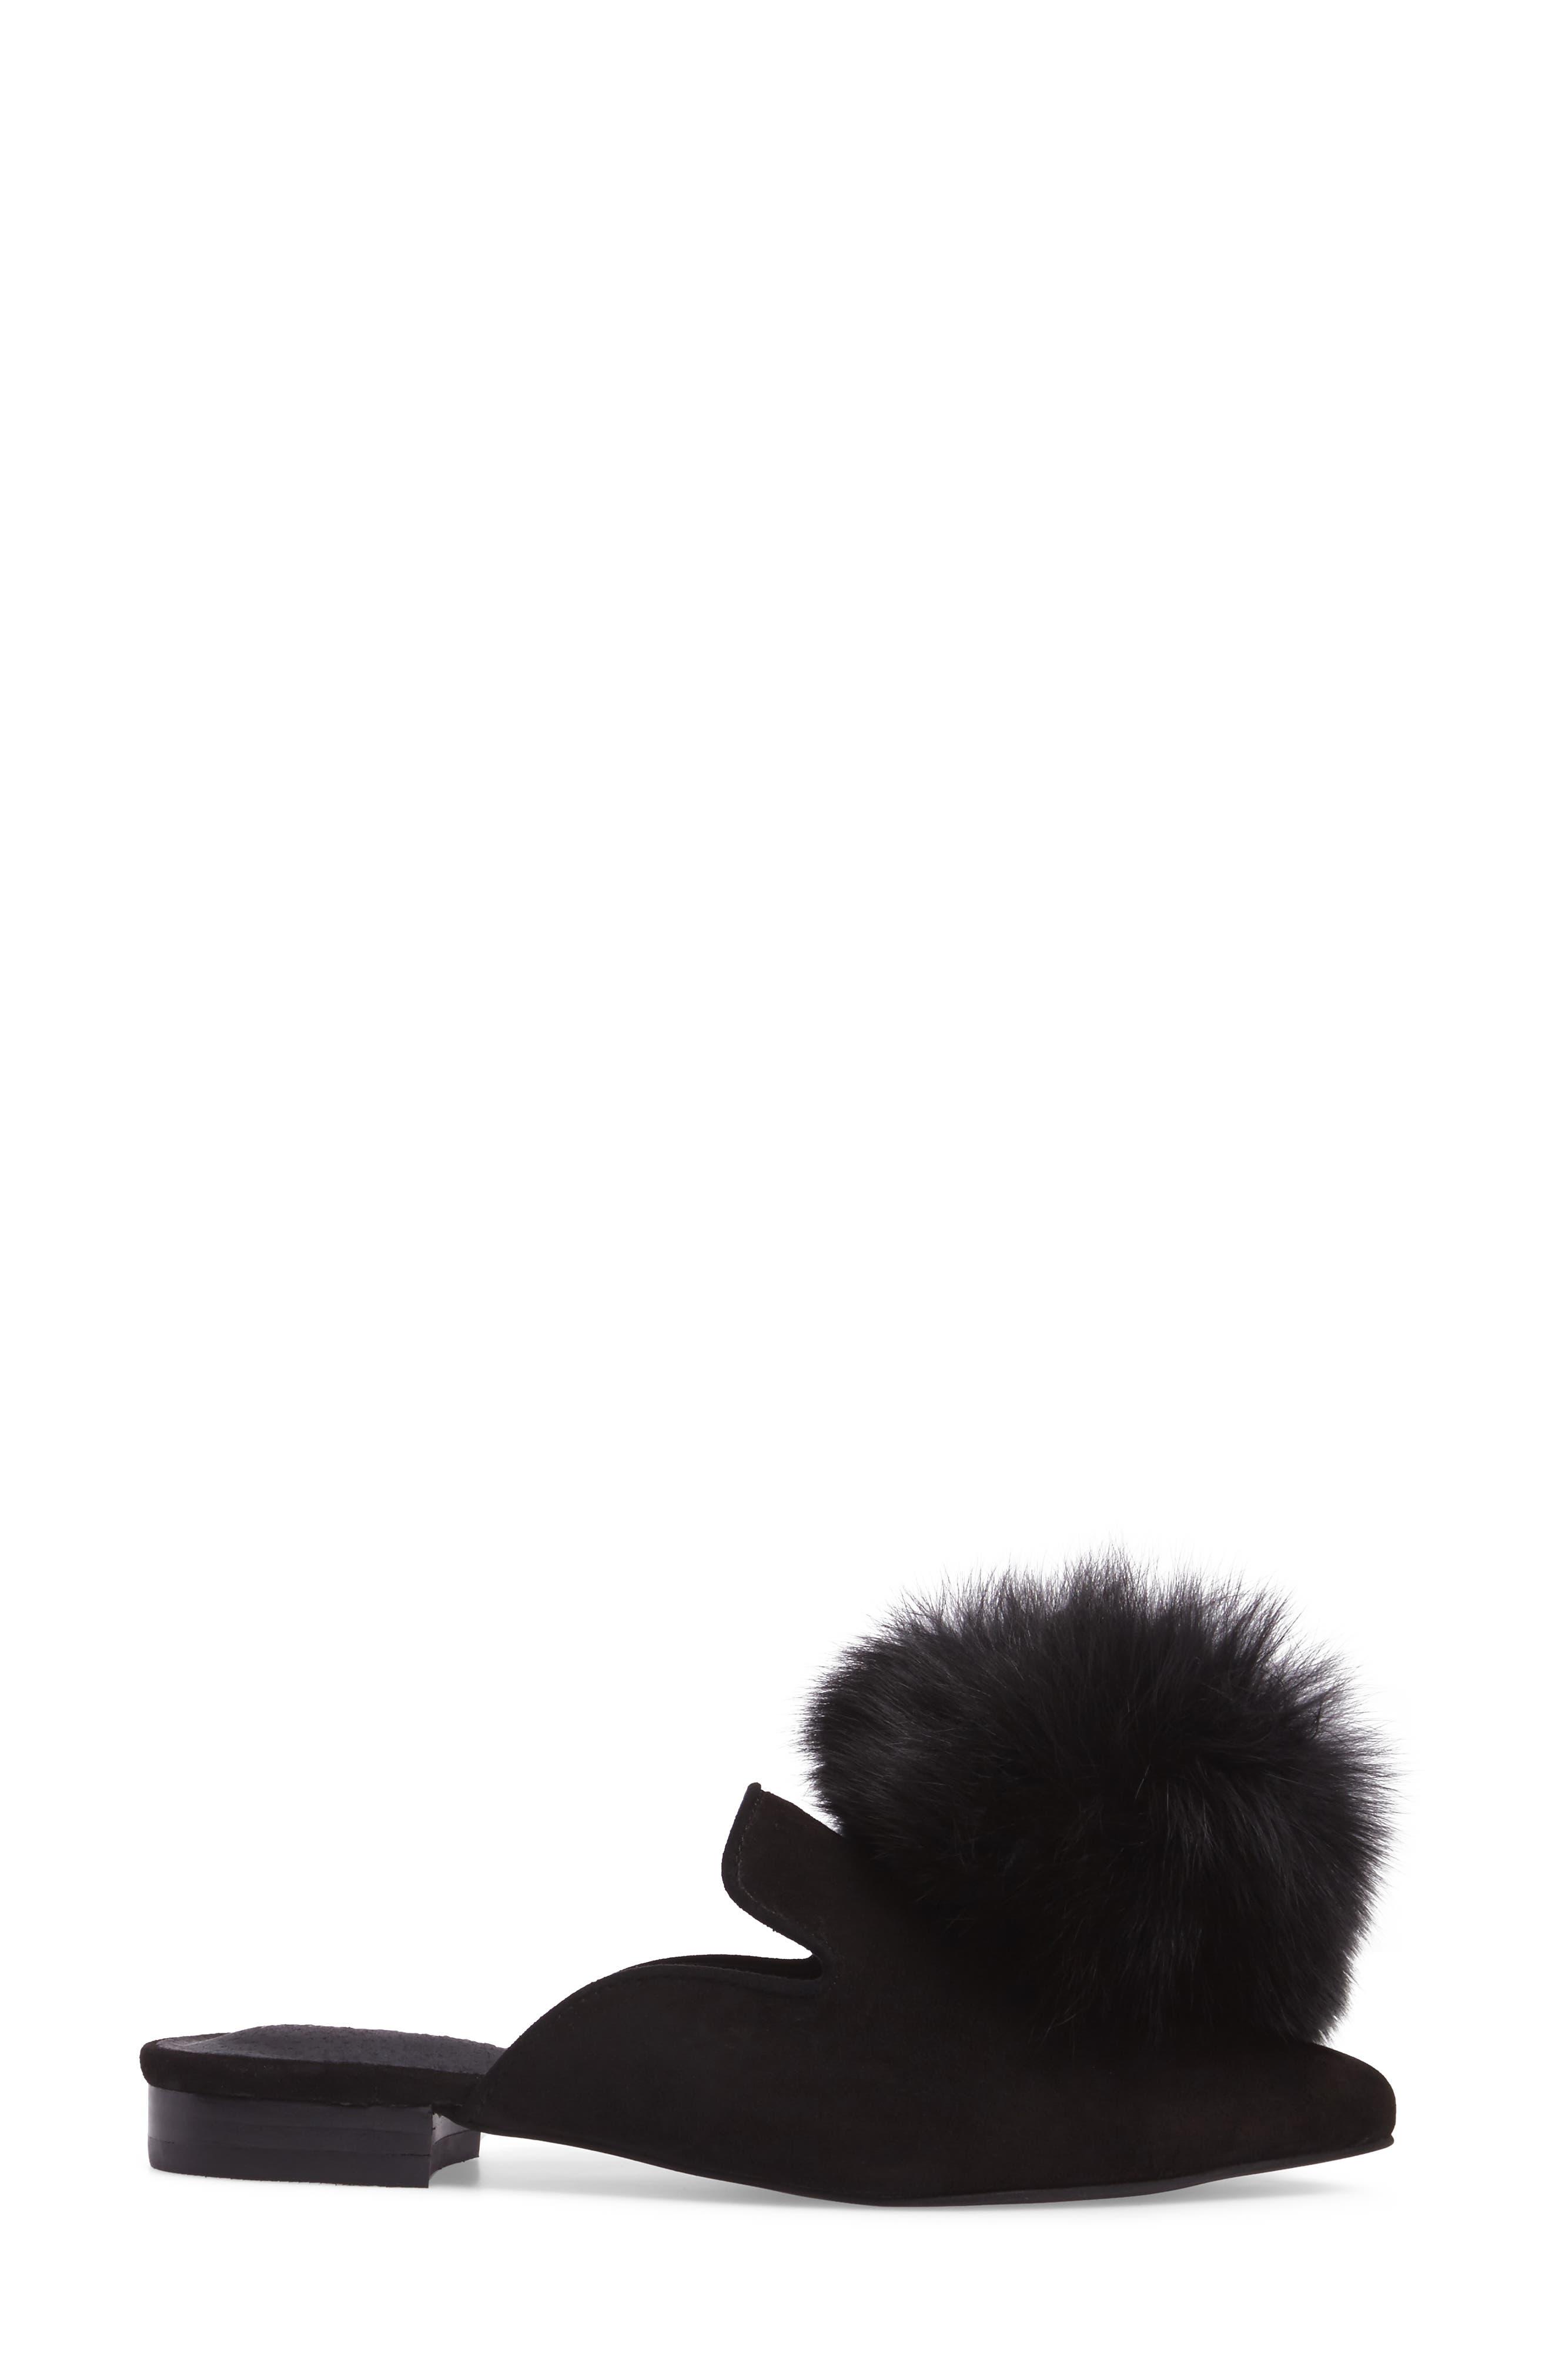 Claes Genuine Fur Pompom Mule,                             Alternate thumbnail 3, color,                             007